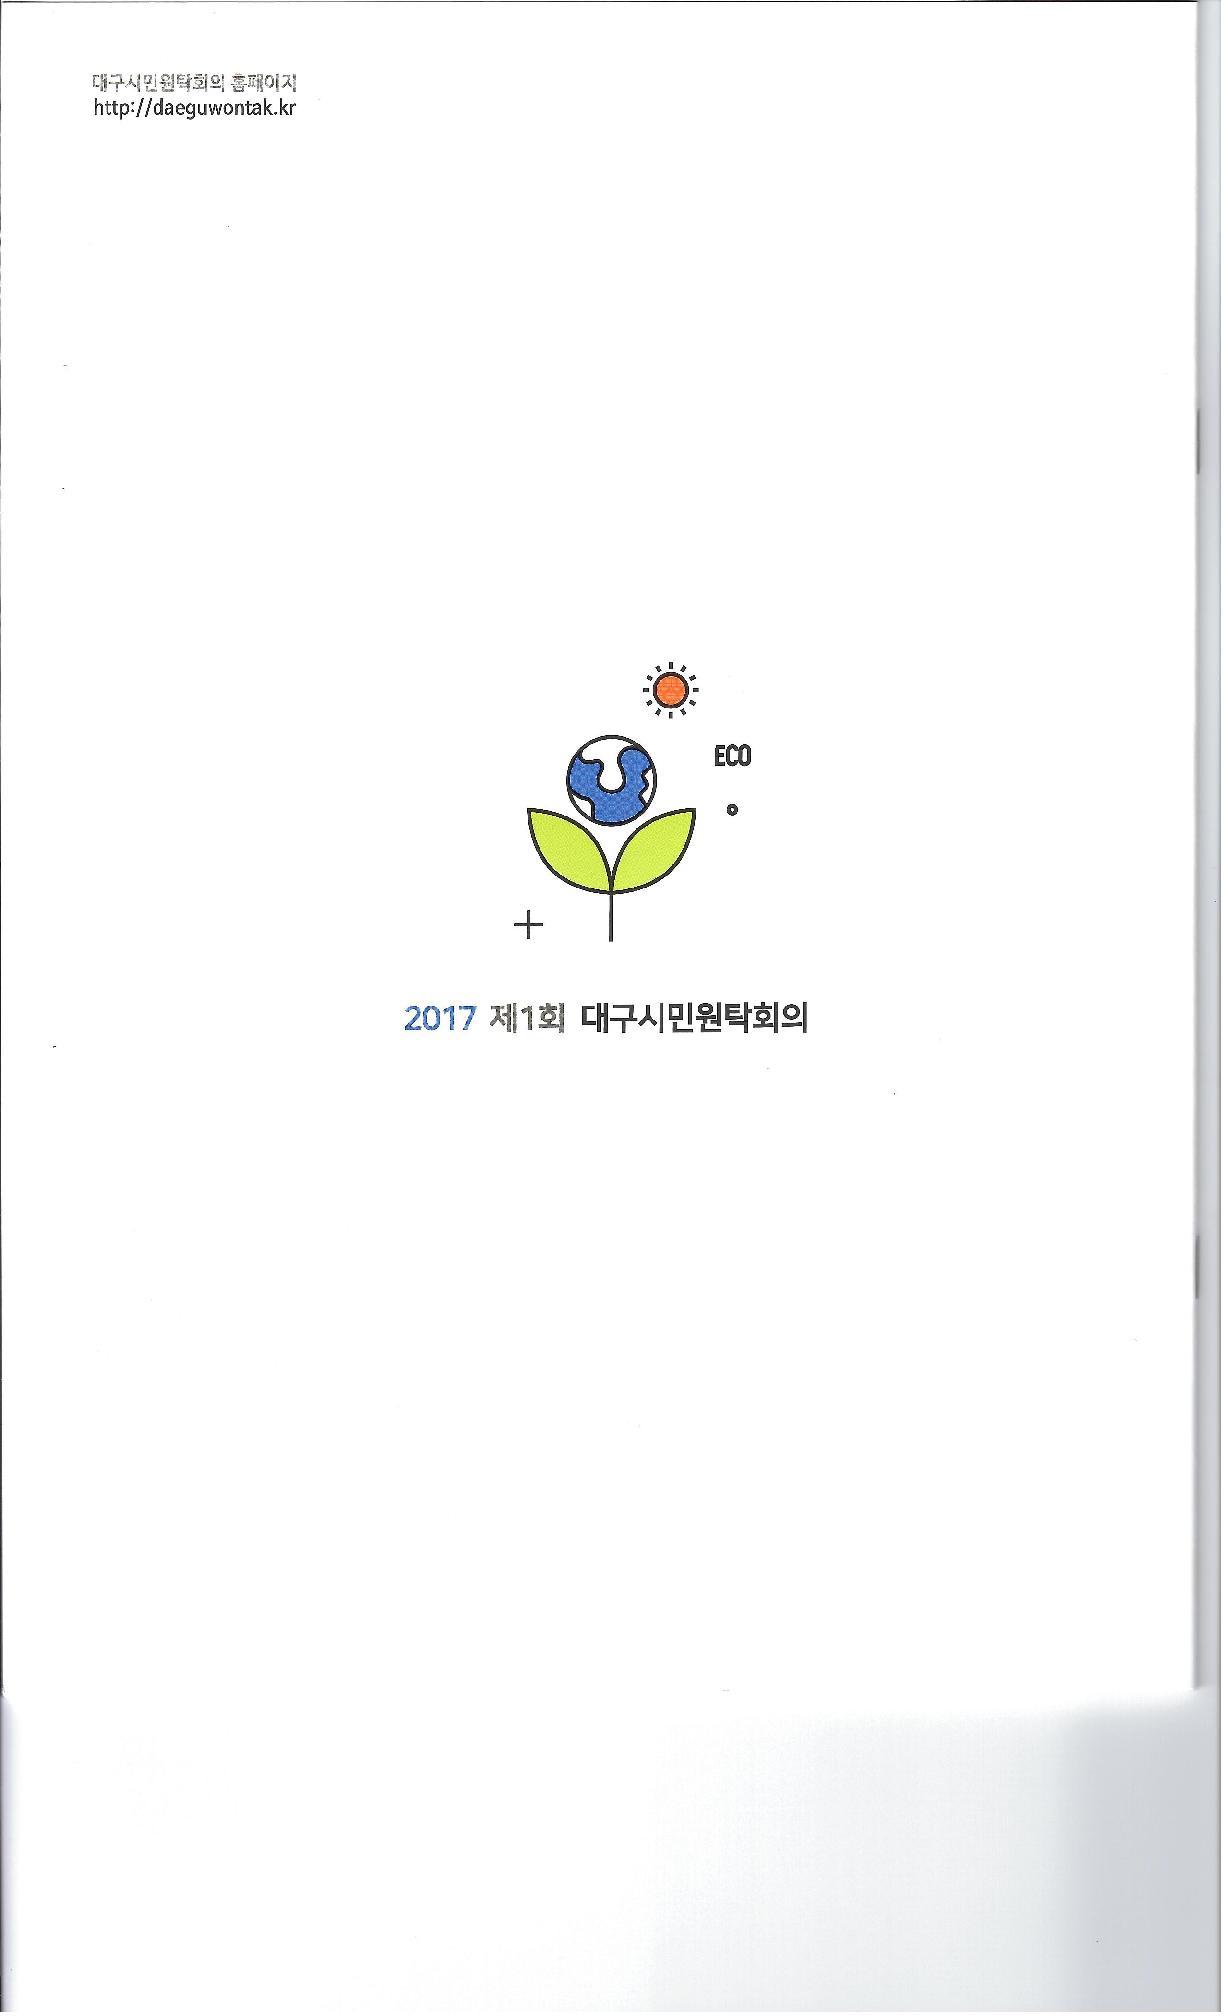 2017 제1회 대구시민원탁회의_브로셔 뒷면.jpg